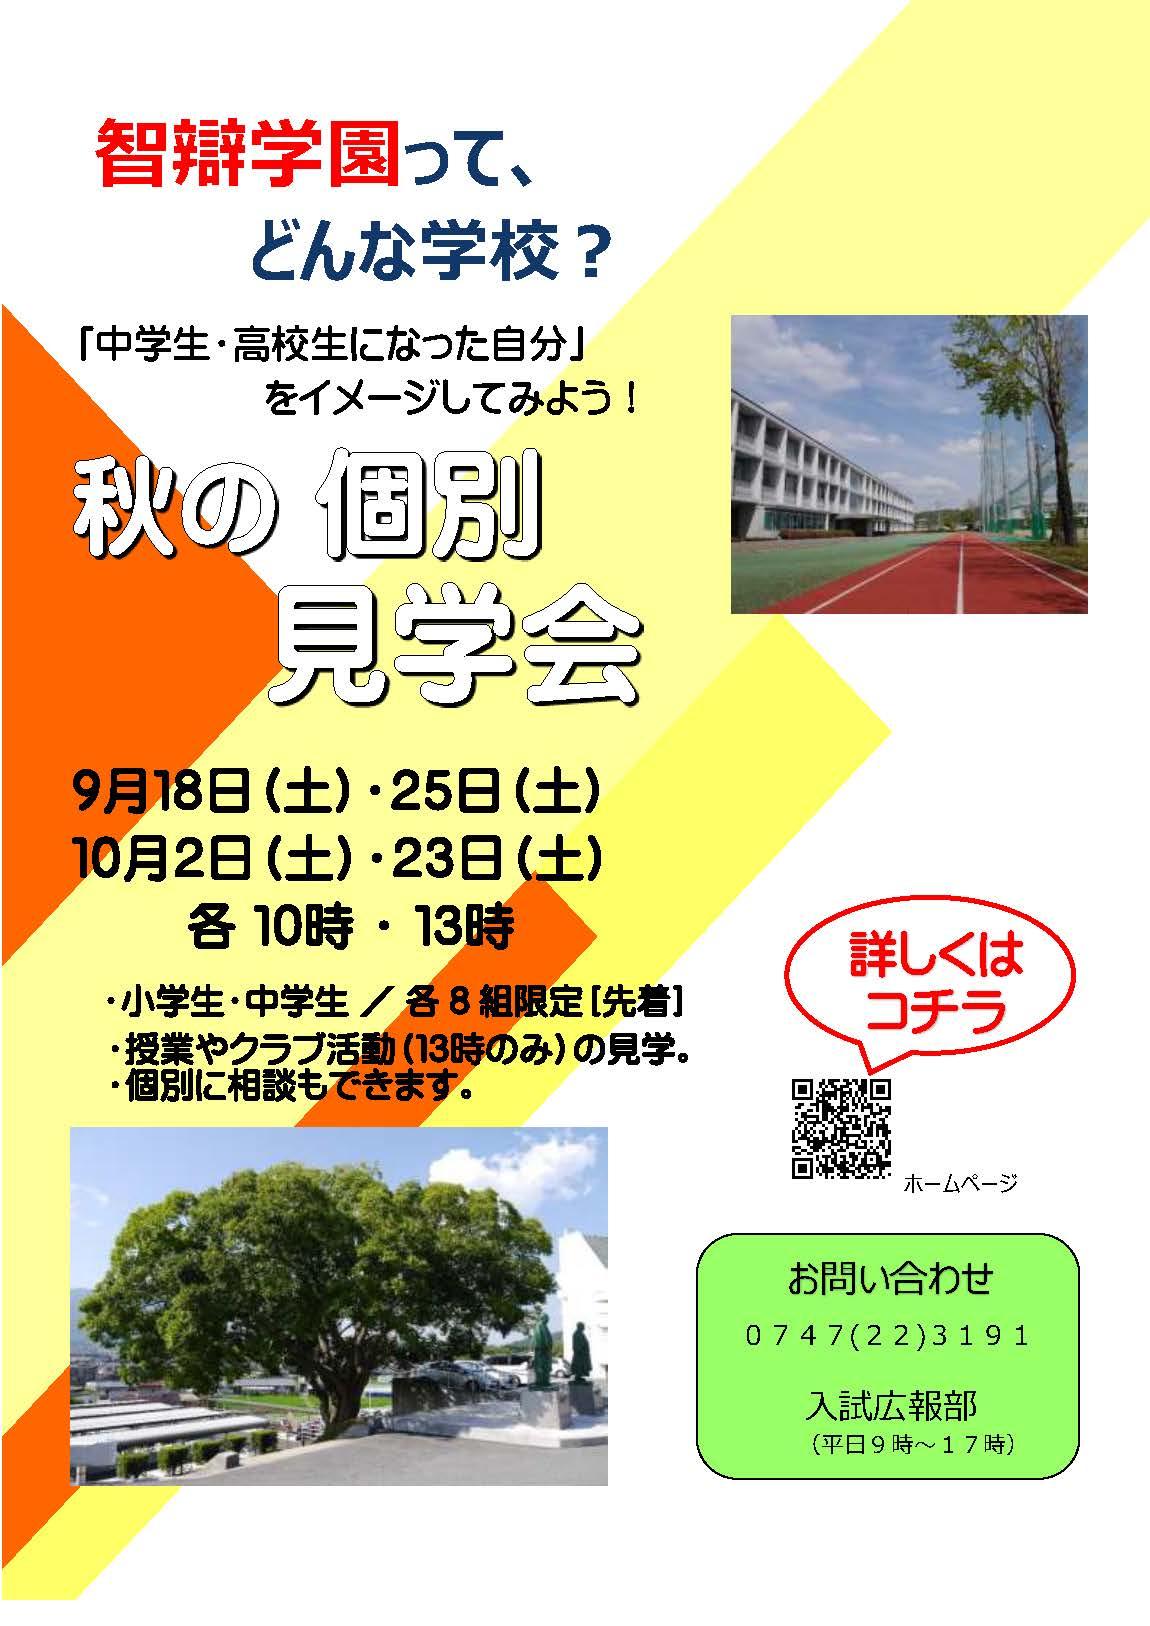 【中学・高校】「秋の個別見学会」申し込み受付中です。